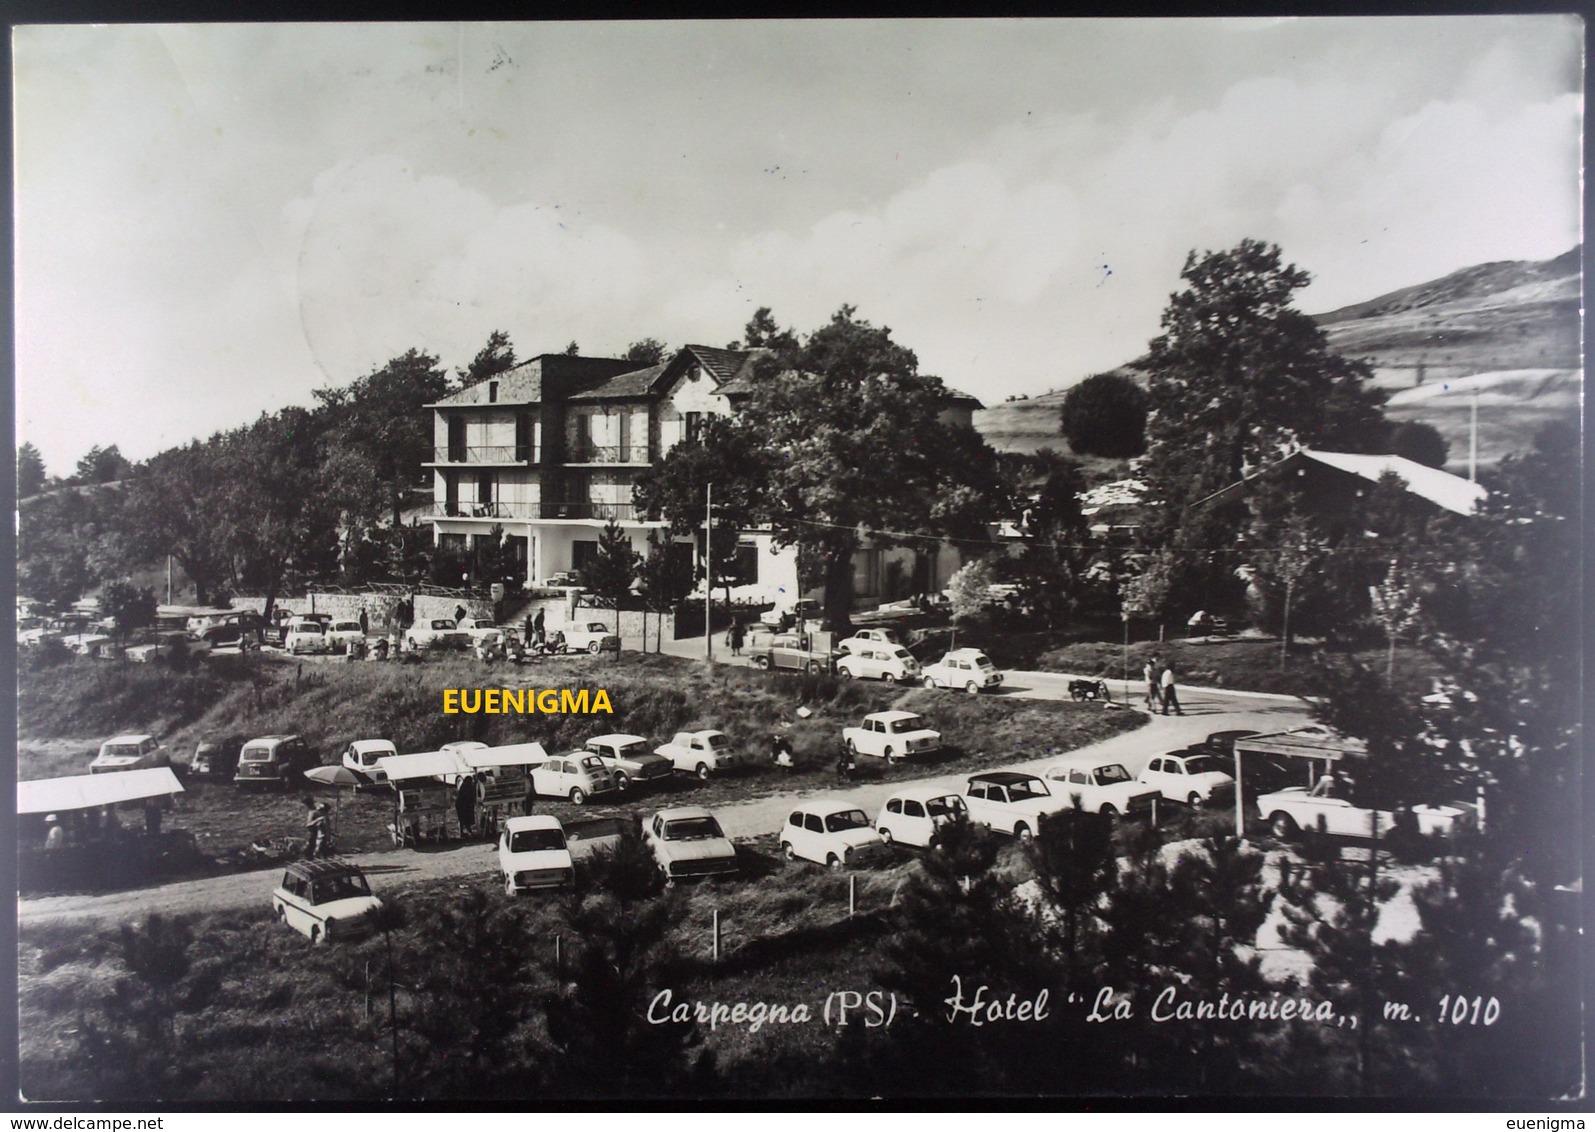 VIAGGIATA 1969 CARPEGNA (PS) HOTEL LA CANTONIERA M. 1010 - Alberghi & Ristoranti